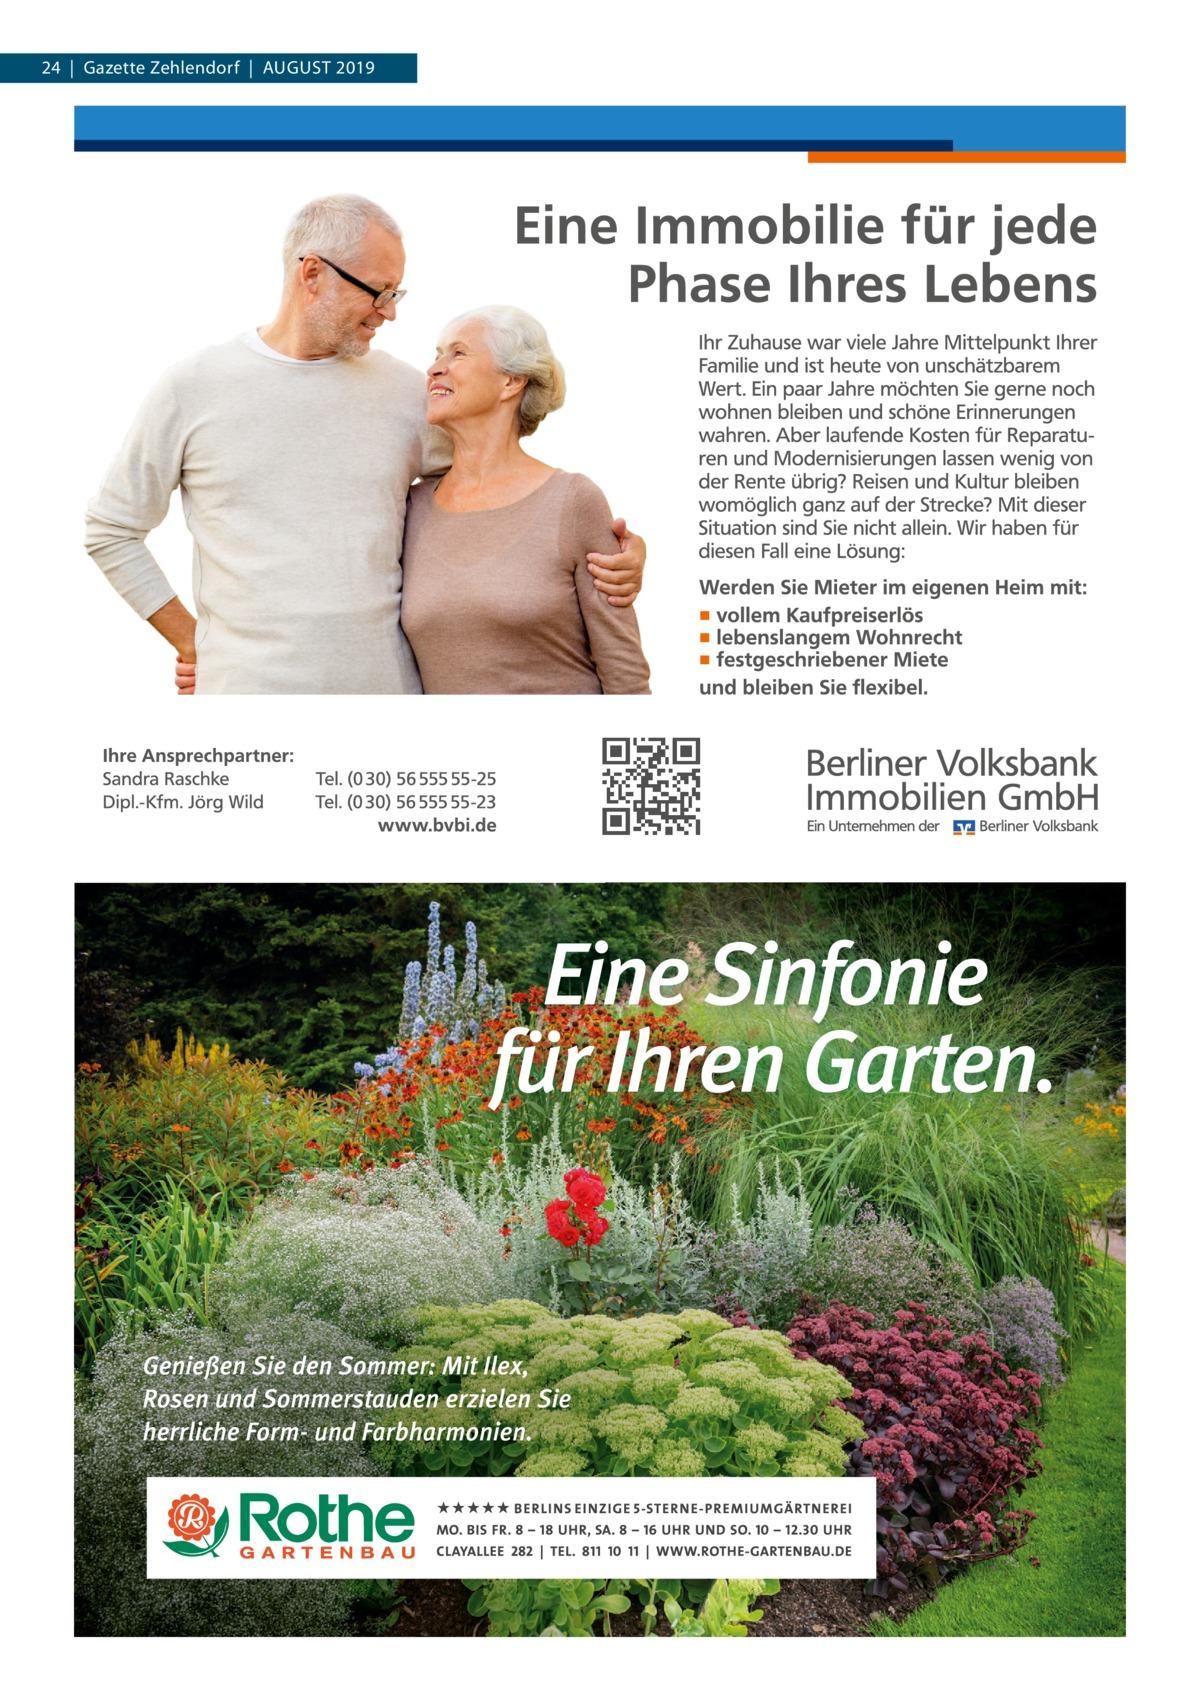 24|Gazette Zehlendorf|August 2019